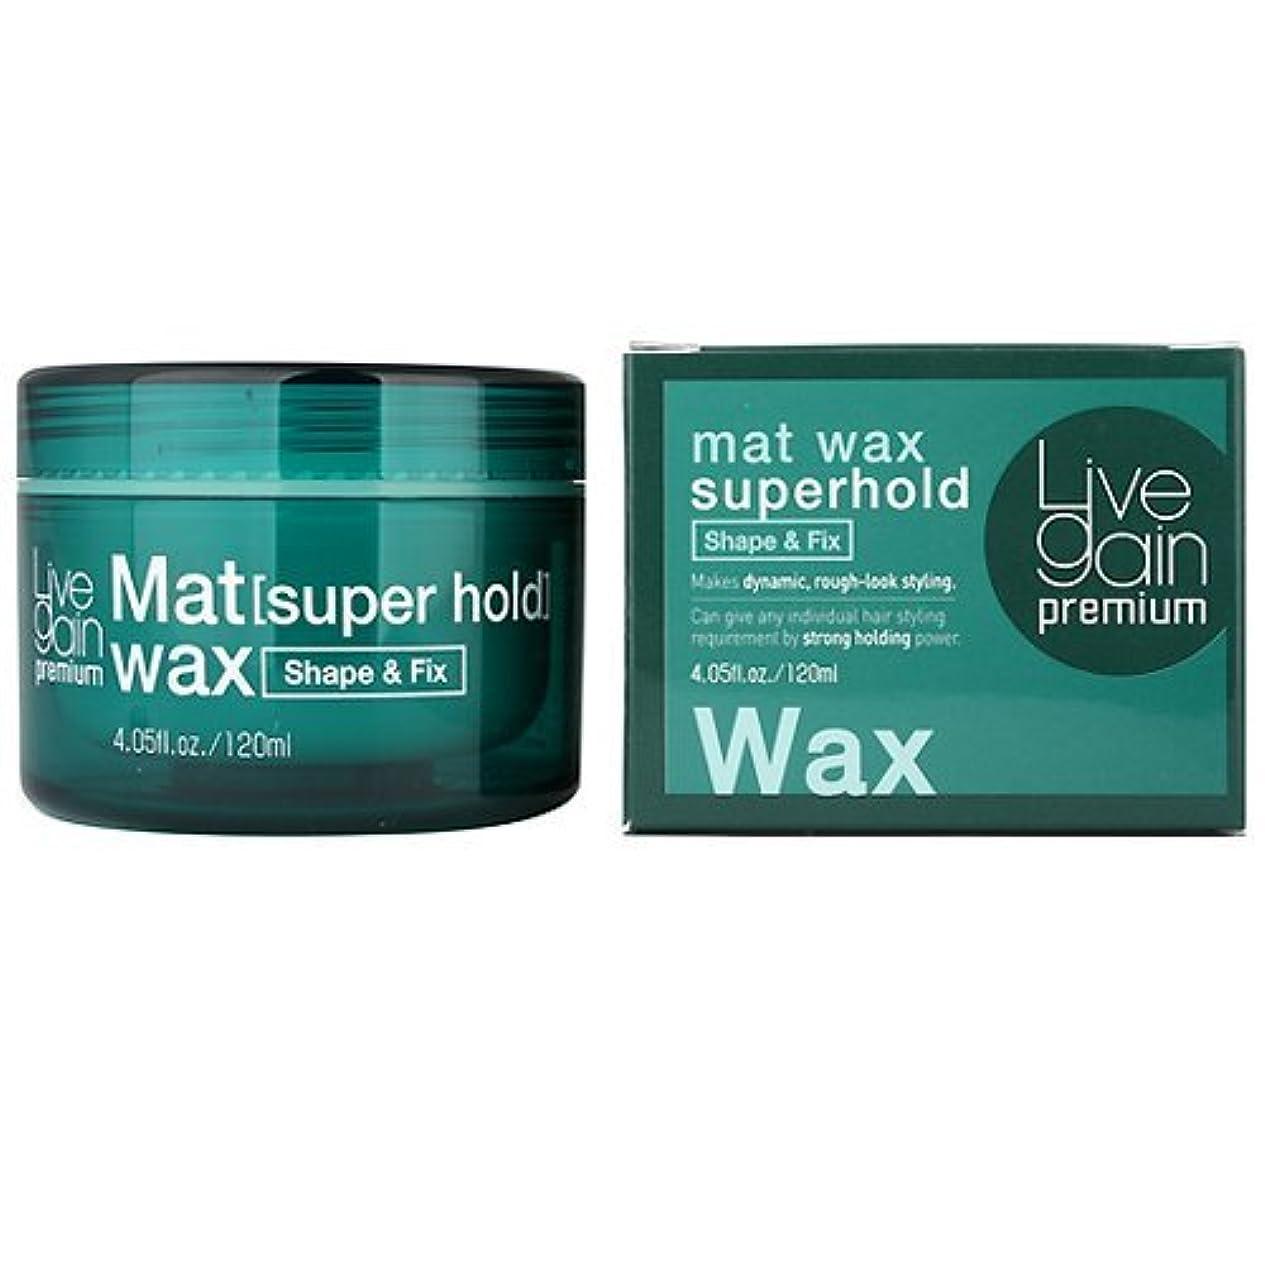 有名ゲート召喚するLivegain プレミアム マット ワックス スーパーホールド 120ml マット ヘア ワックス ストロング ホールド (Premium Mat Wax Superhold 120ml Matte Hair wax...